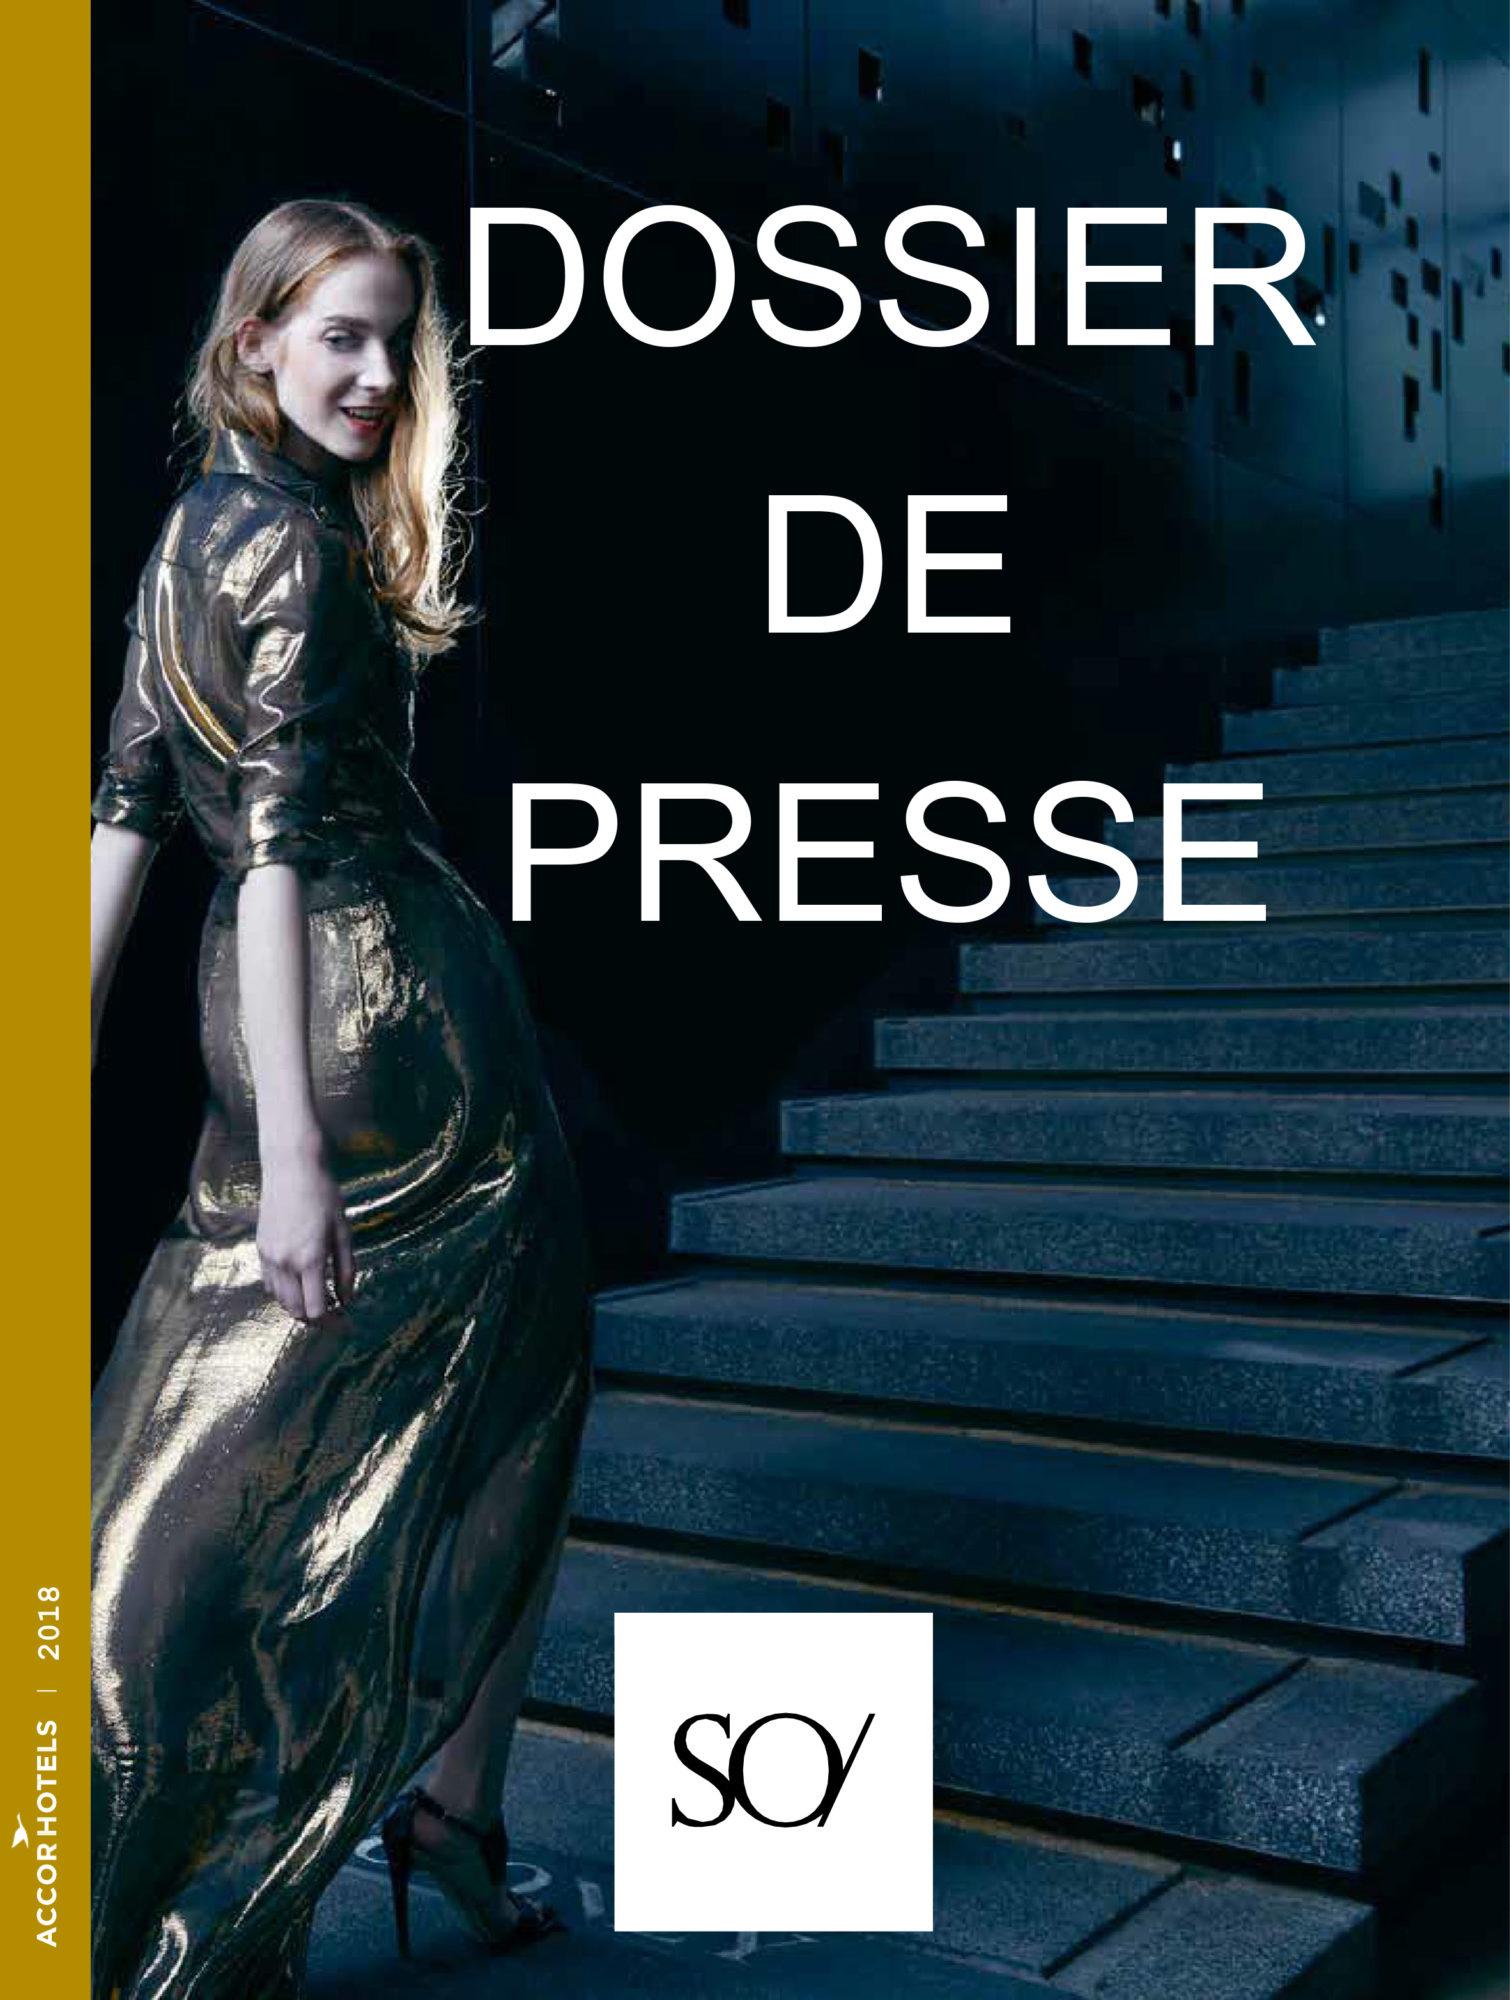 Dossier de presse SO/